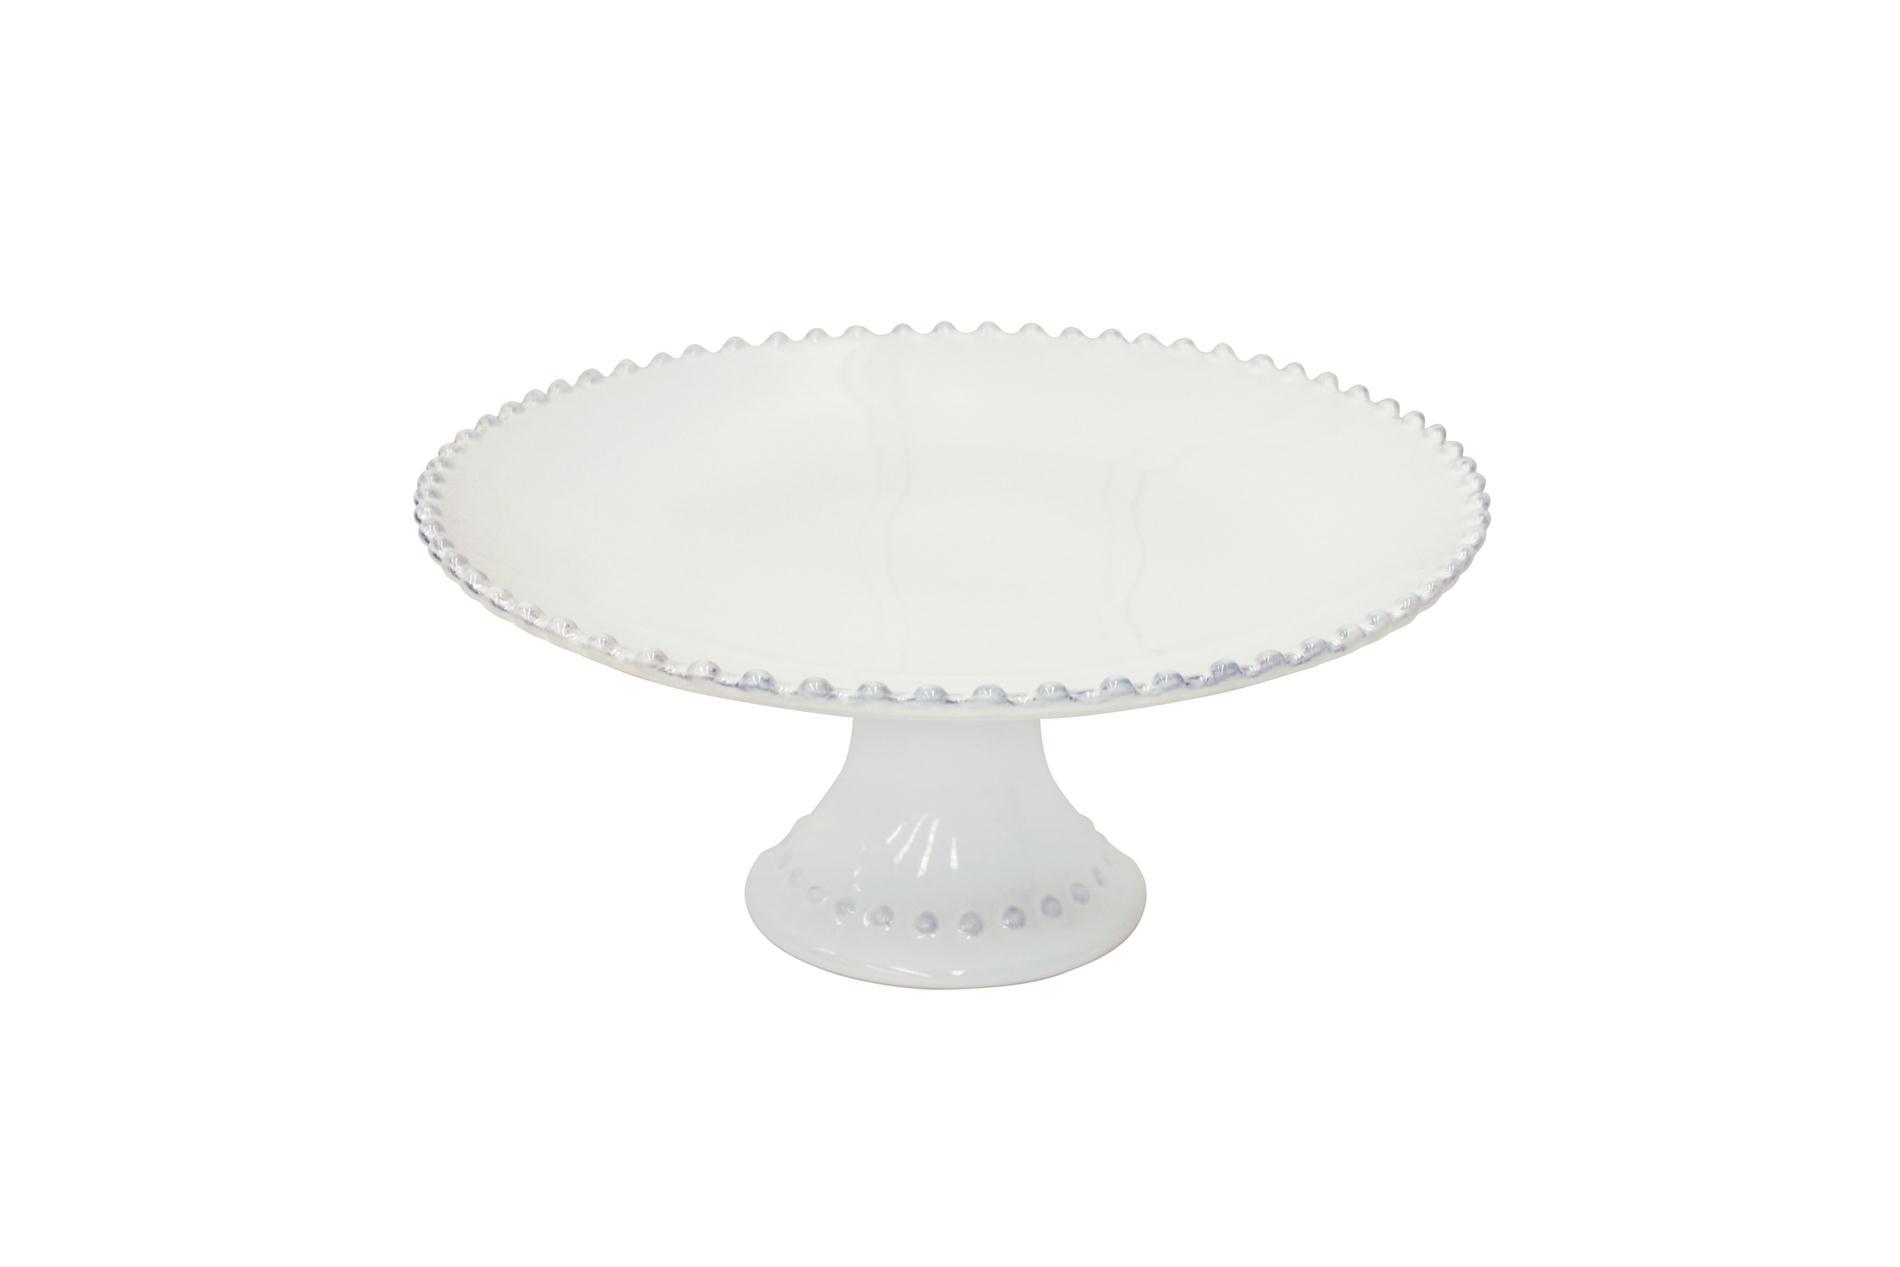 Tortenplatte mit Fuß, Pearl, weiß, 28cm